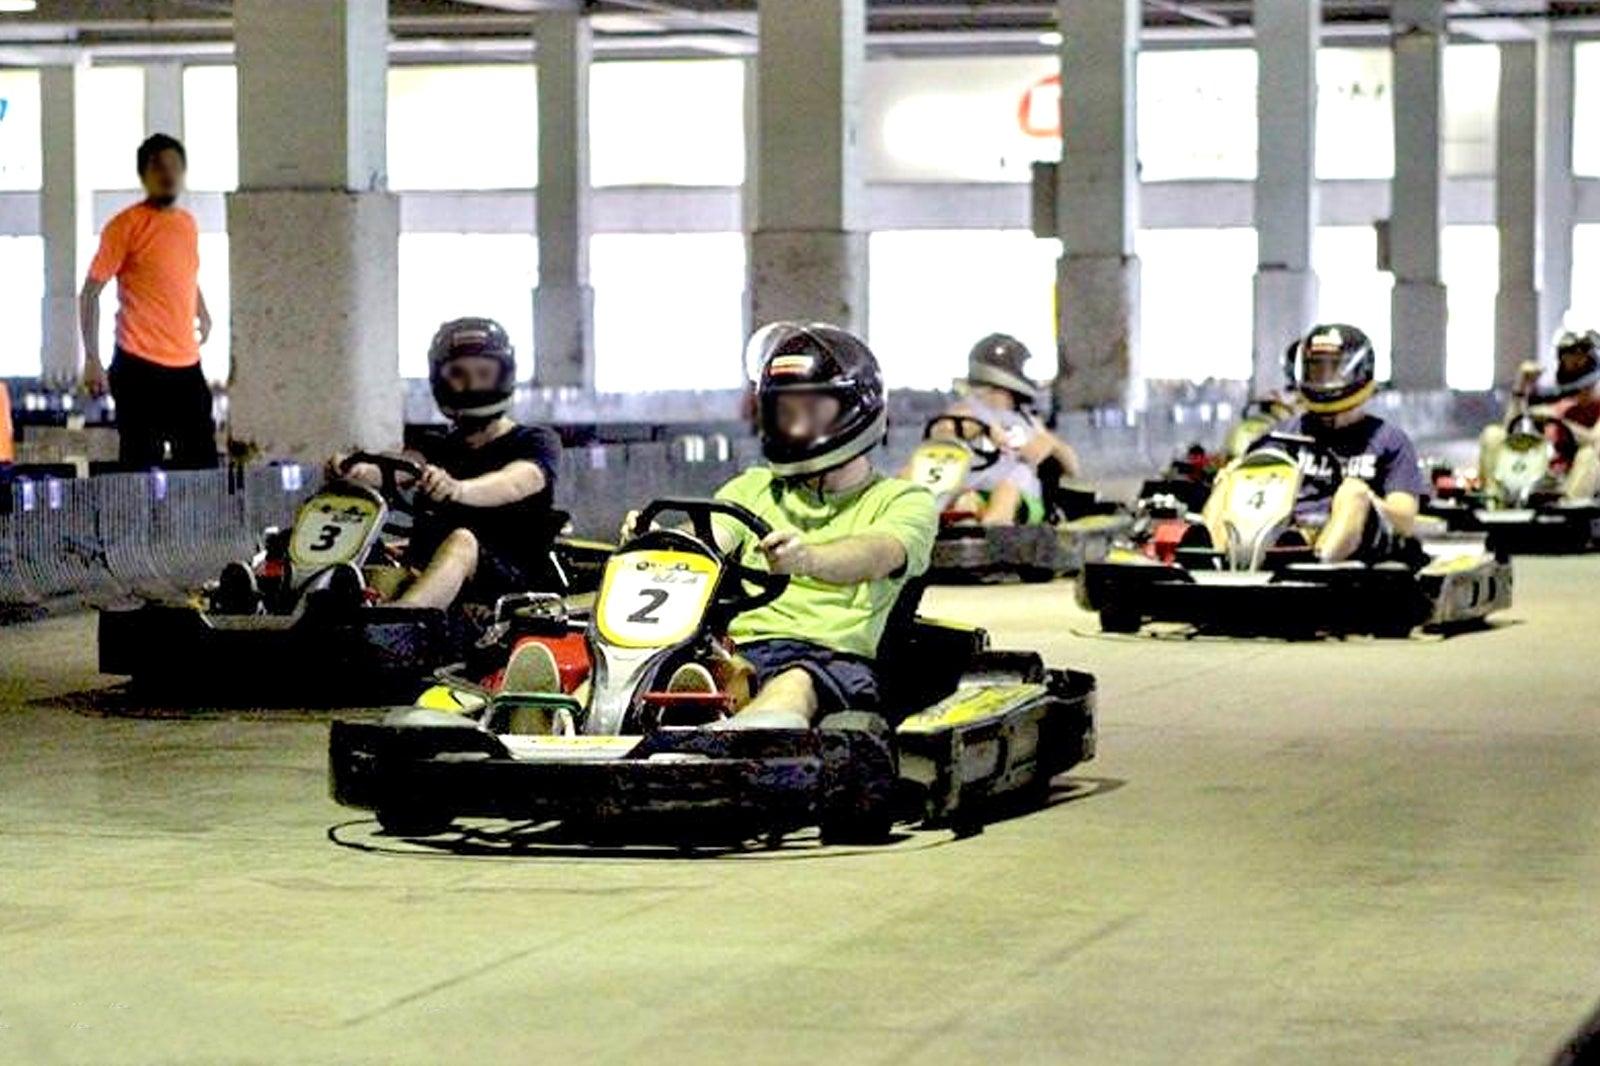 EasyKart at RCA Plaza Bangkok - Go-Karting in Bangkok – Go Guides